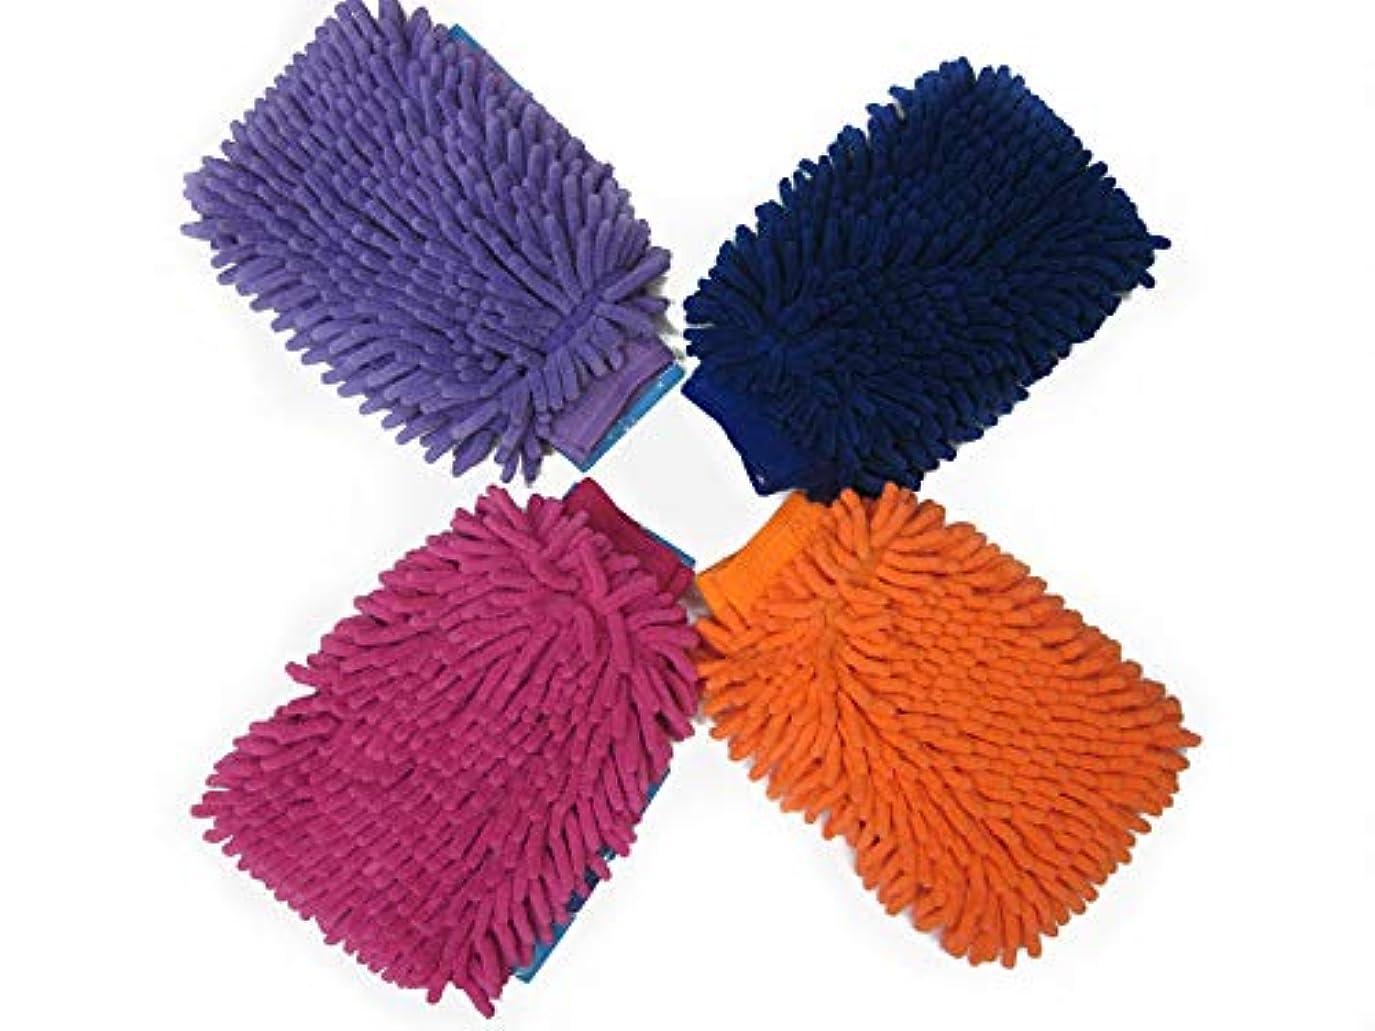 不純チョップ通信網BTXXYJP 車の窓掃除道具ホームクリーニングクリーニング手袋極細繊維シェニールマイクロファイバーカーウォッシュグローブ、10ペア (Color : Blue)